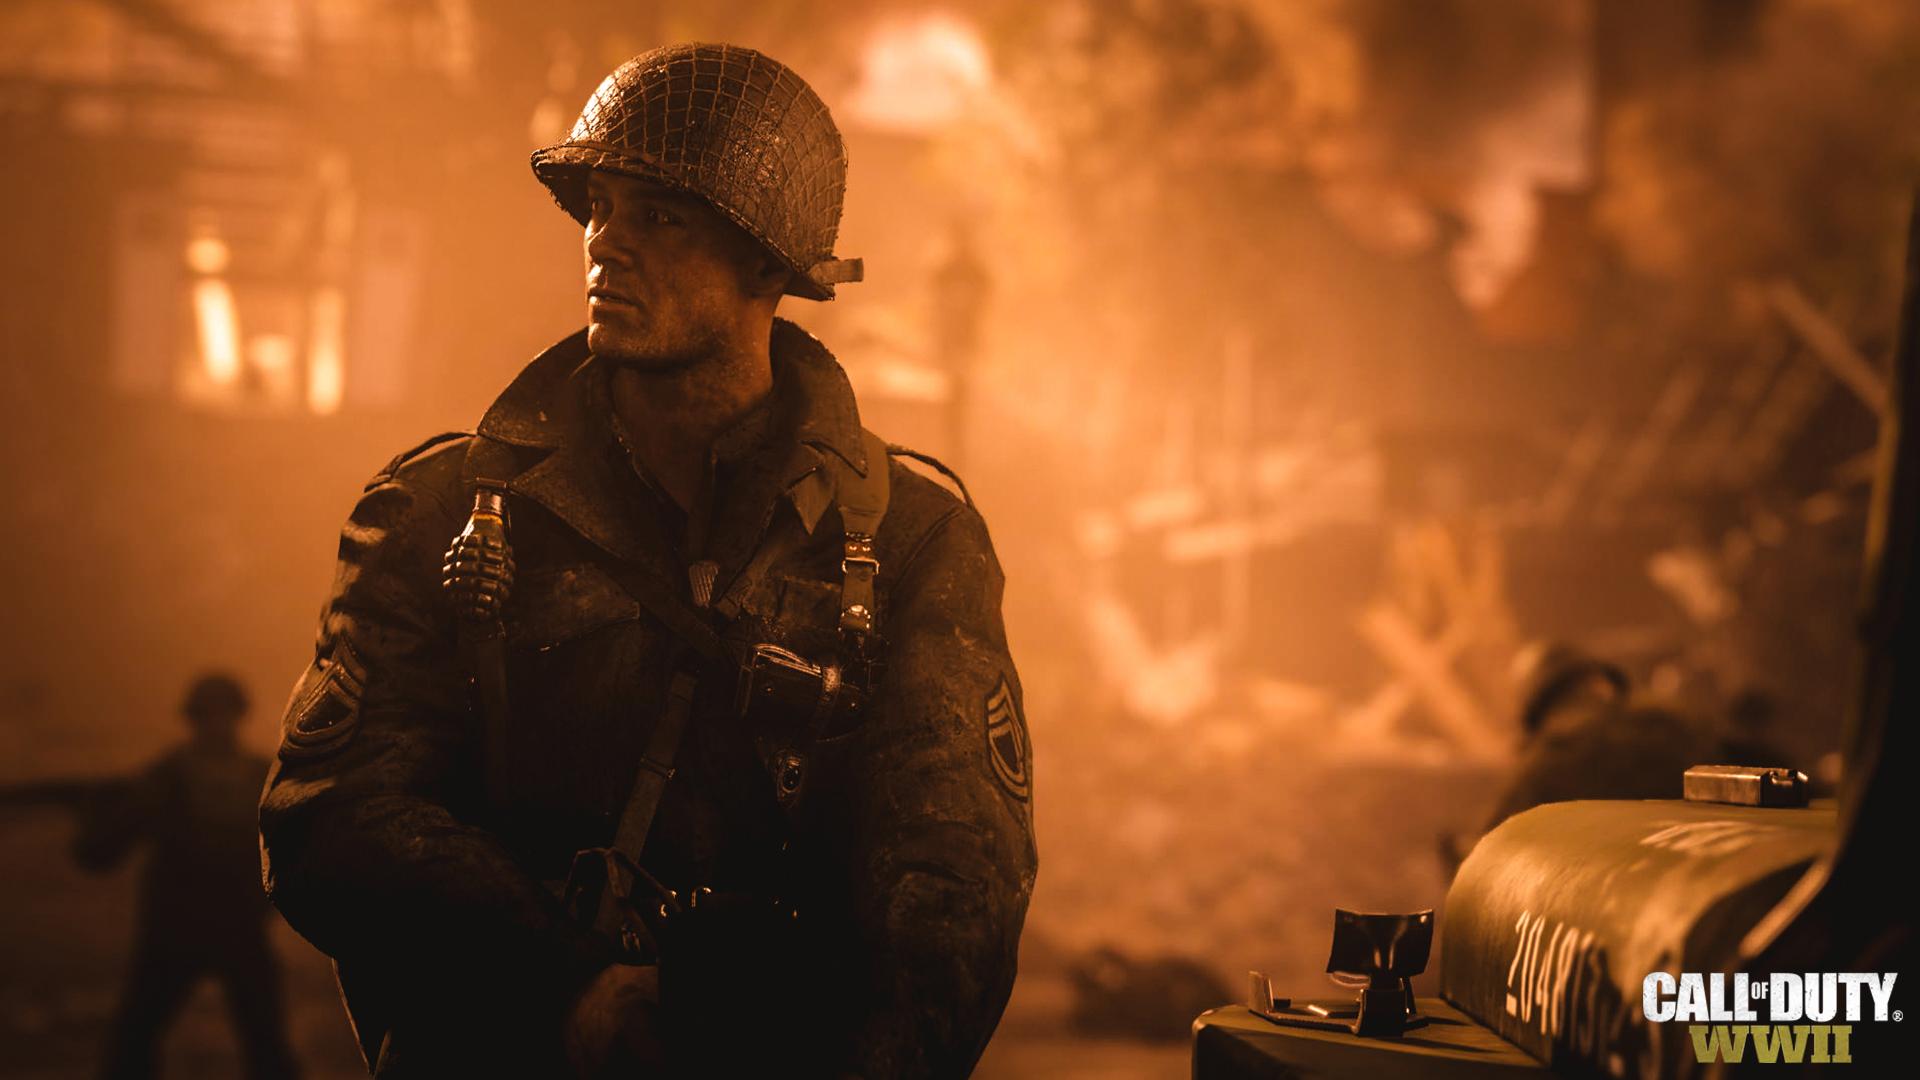 منتظر تریلرهای بیشتری از گیمپلی بخش تکنفره Call of Duty WWII در آینده نزدیک باشید